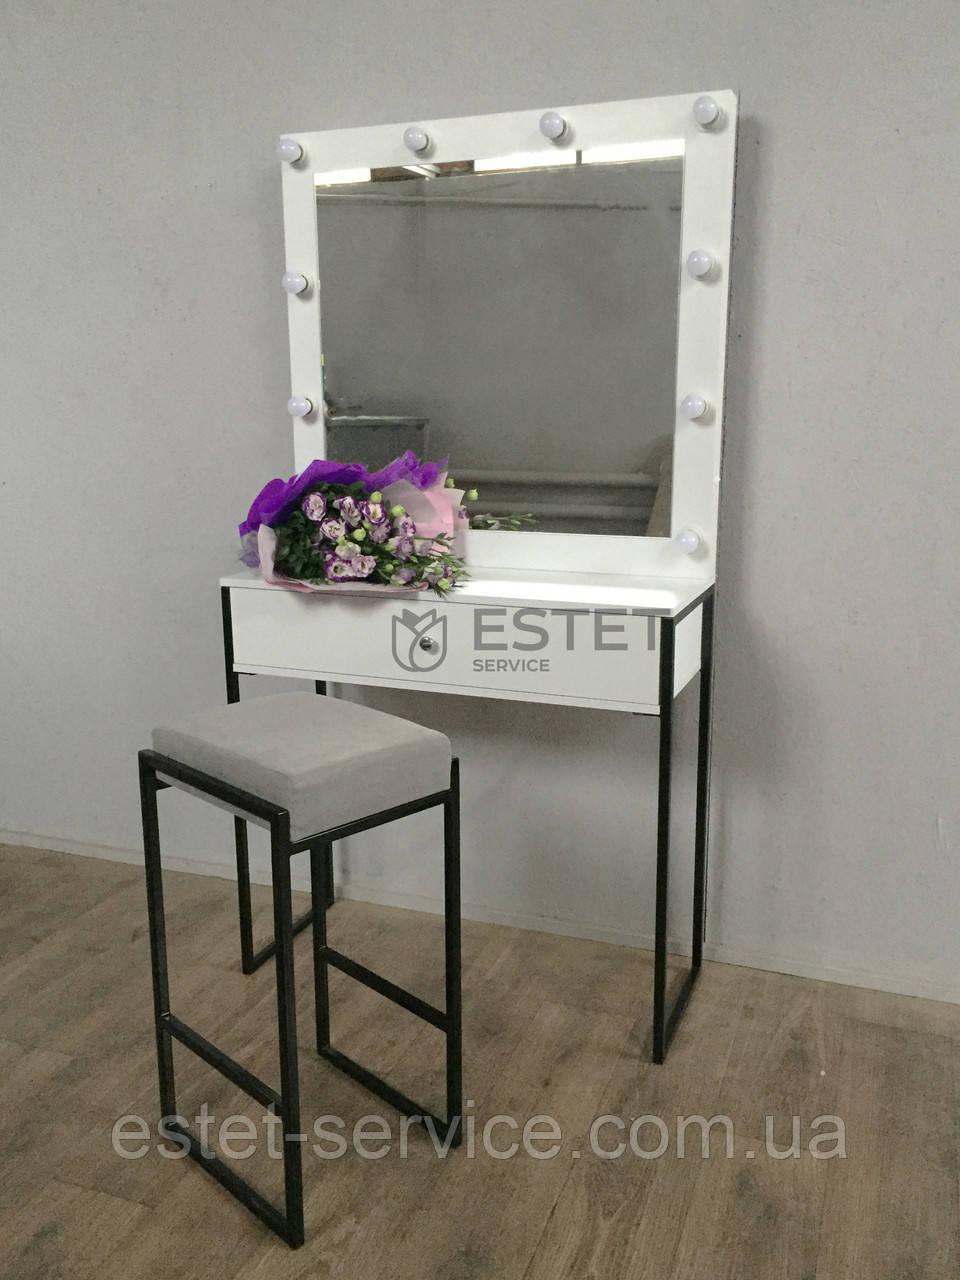 КОМПЛЕКТ Гримерный стіл + Стілець на ніжках ЧОРНОГО кольору М616